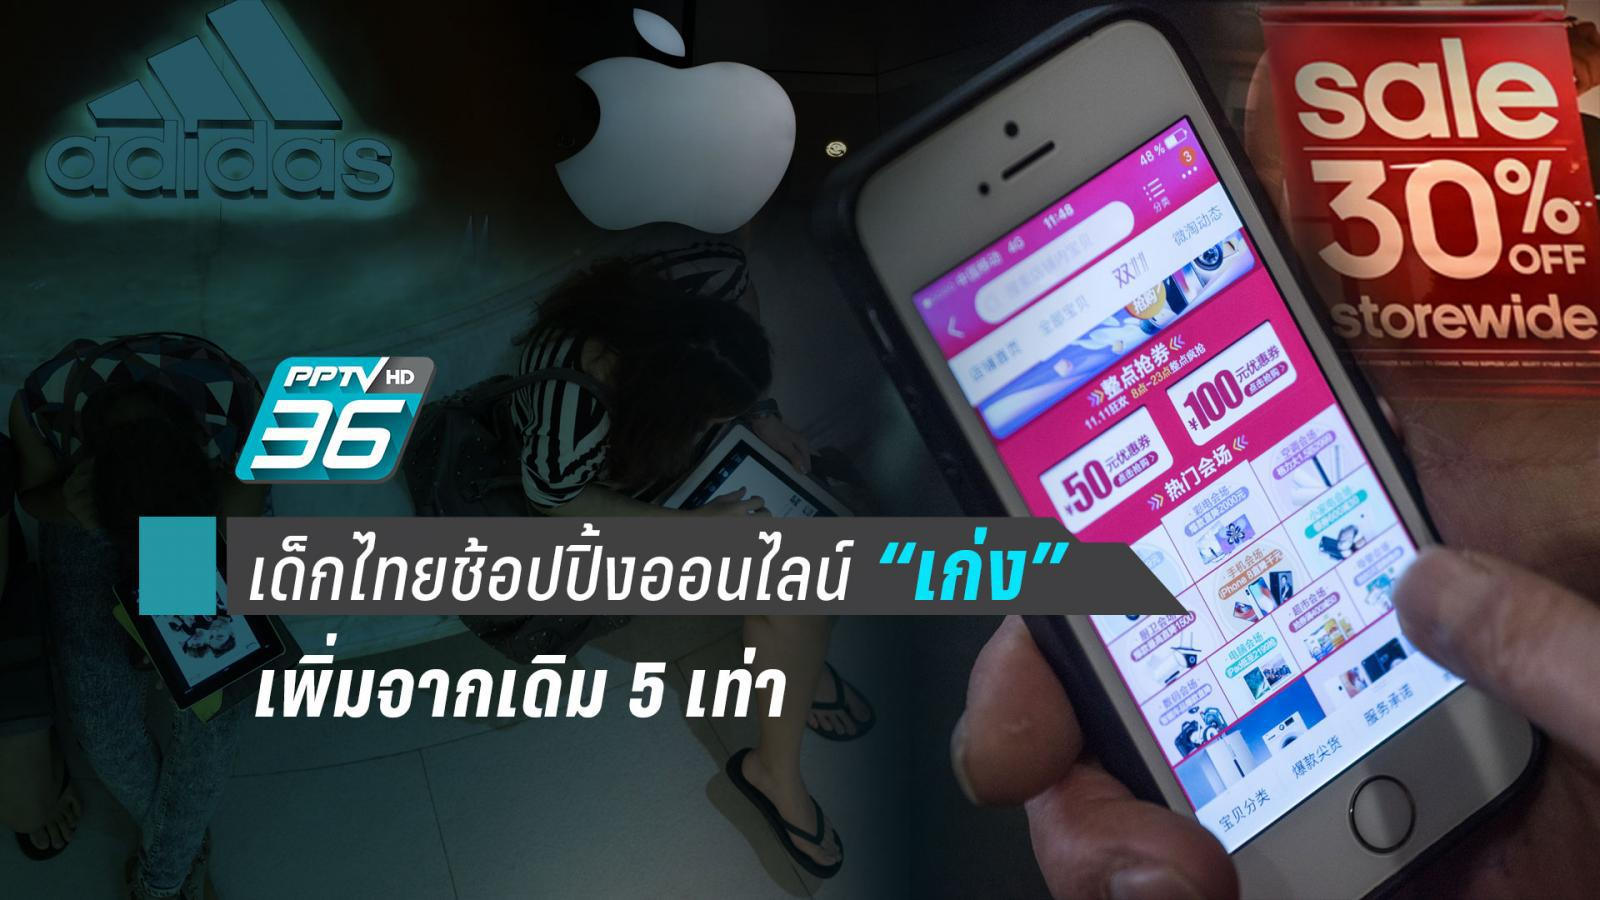 """เด็กไทย """"ซื้อของออนไลน์เพิ่ม 5 เท่า"""" แนะผู้ปกครองดูแลใกล้ชิดหวั่นโดนหลอกโอนเงิน"""